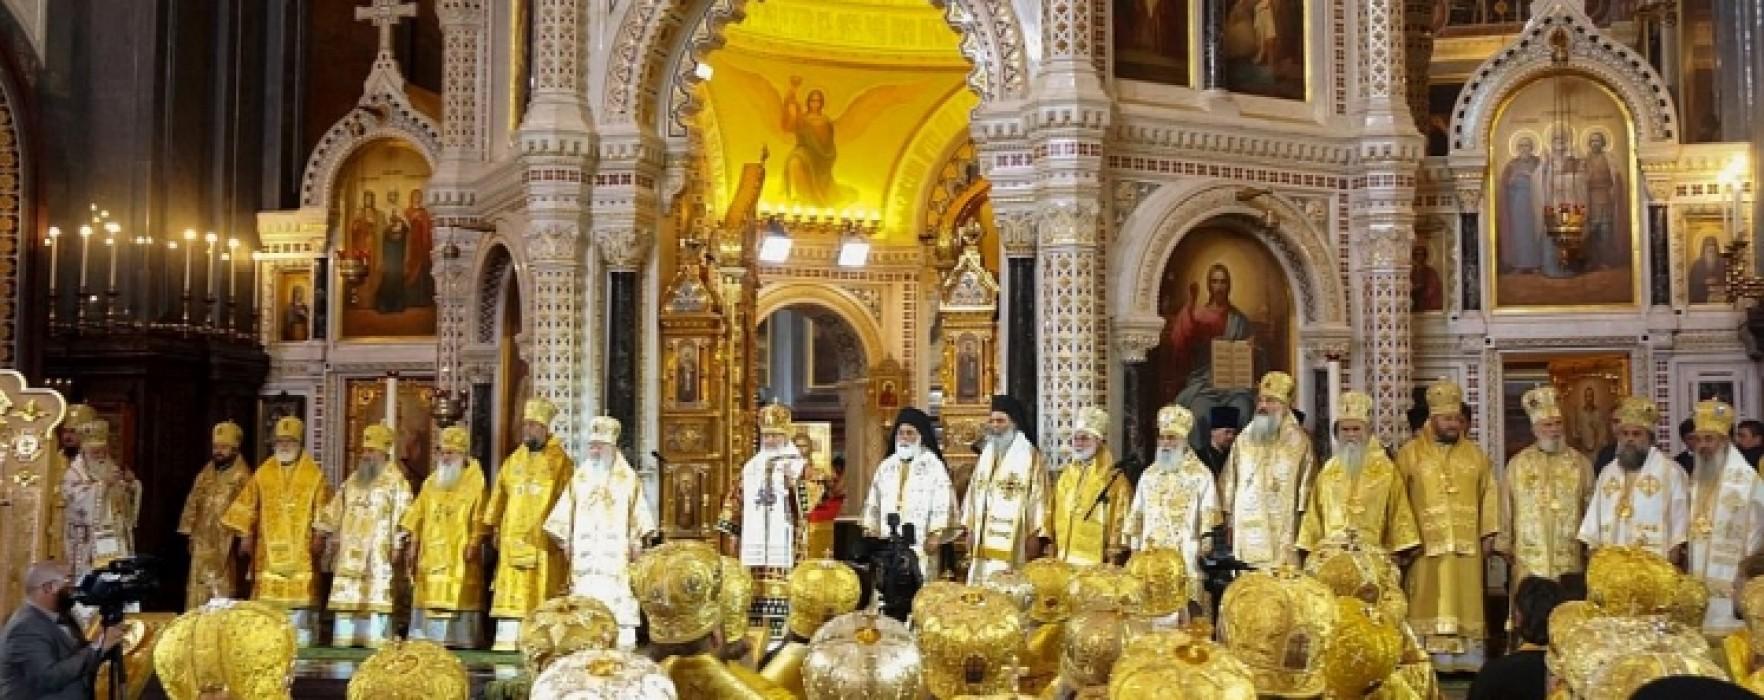 Arhiepiscopul Târgoviştei Nifon, trimis de patriarh la Moscova